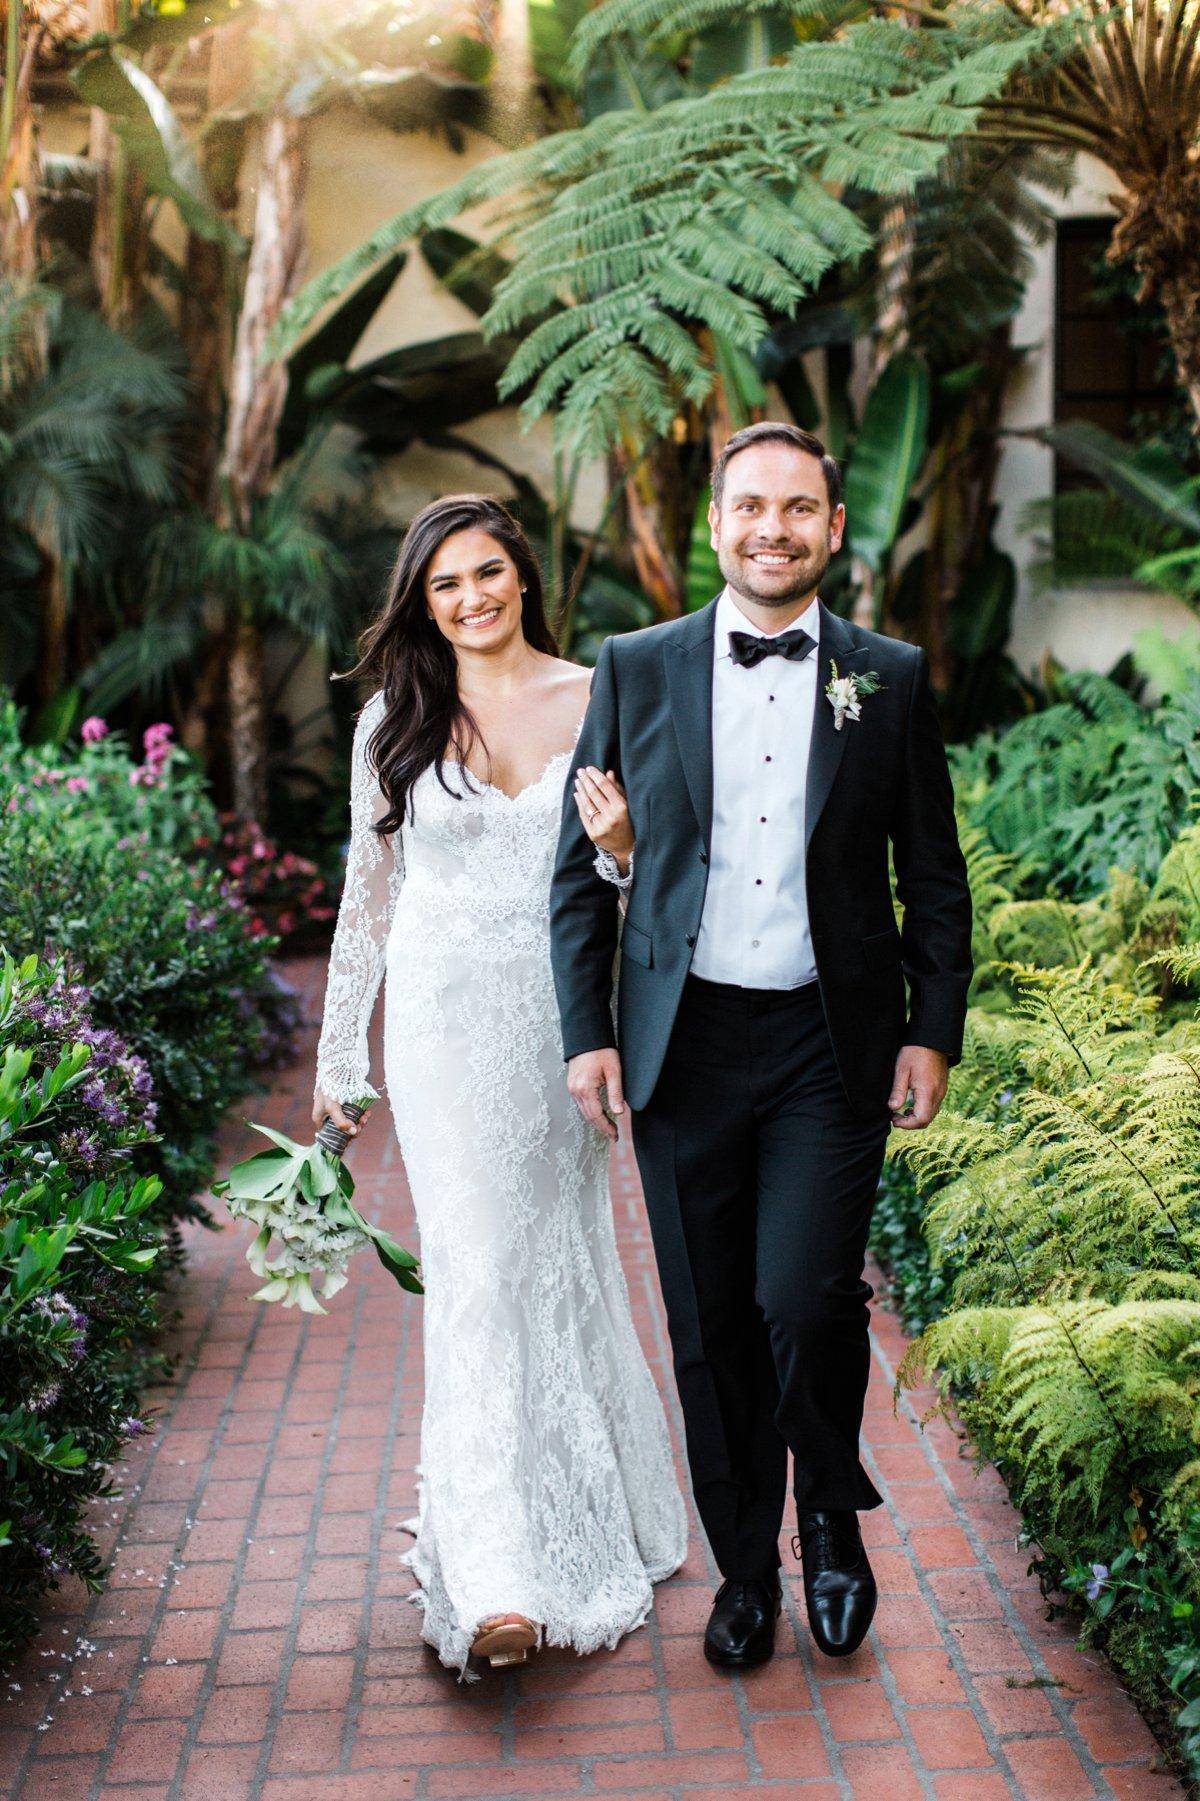 Wedding Dresses Santa Barbara 4 Unique black tie wedding style